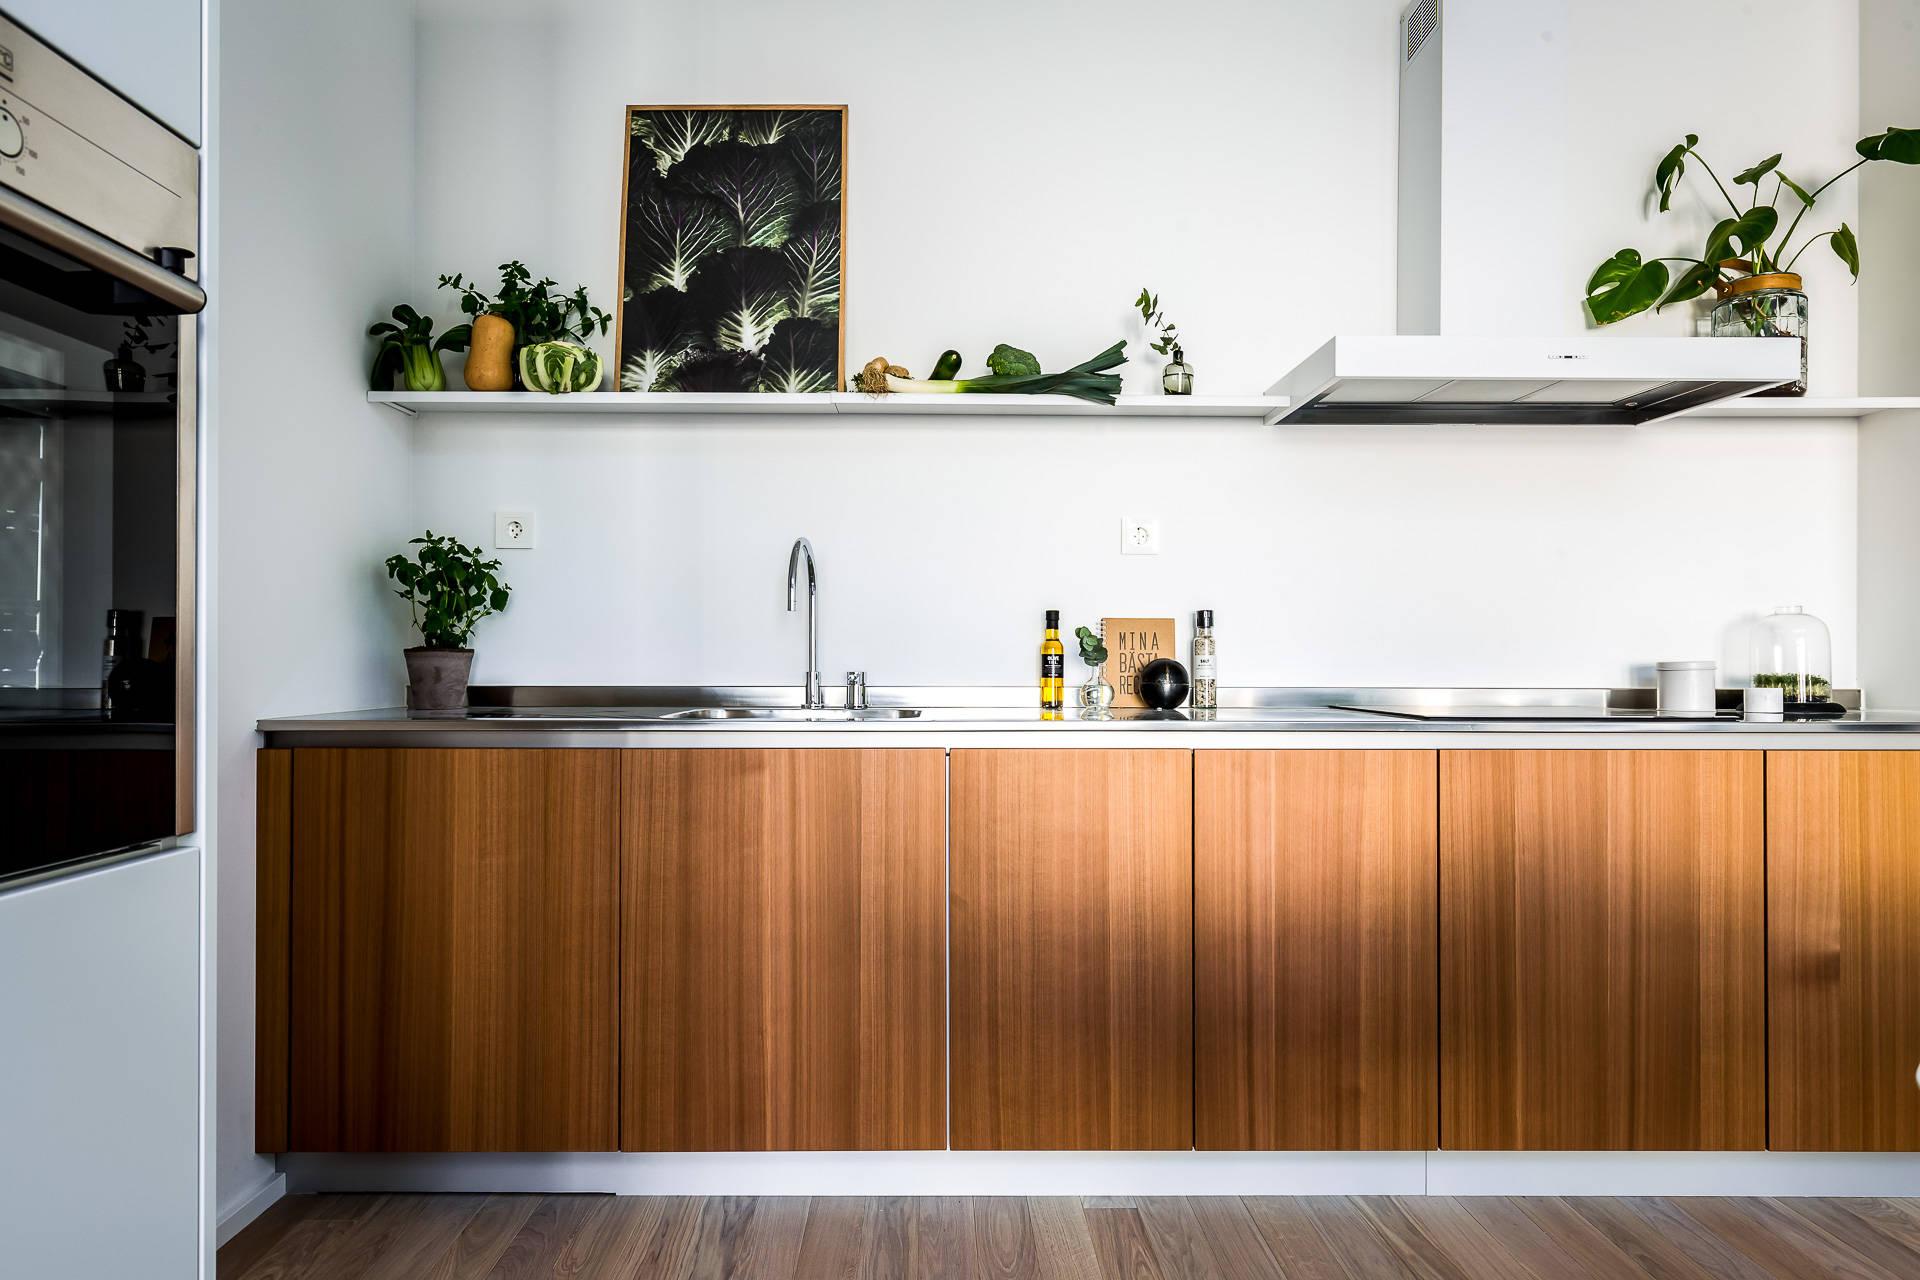 кухонная мебель полки вытяжка варочная панель мойка смеситель